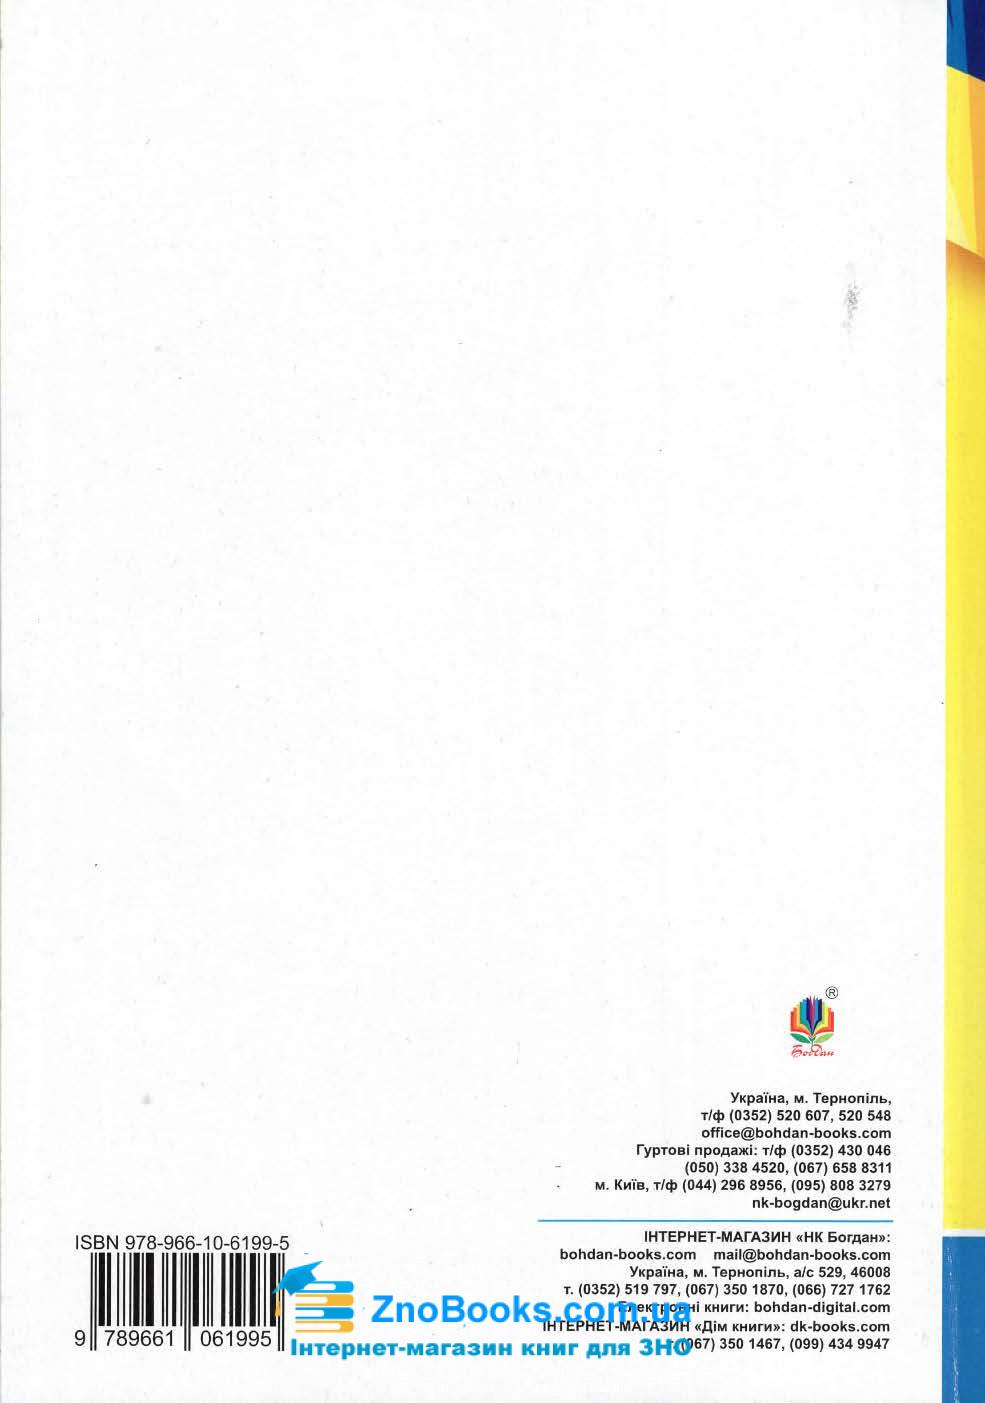 Збірник тестових завдань до ЗНО історія України /15 варіантів/ : Ганаба С. Навчальна книга - Богдан 9